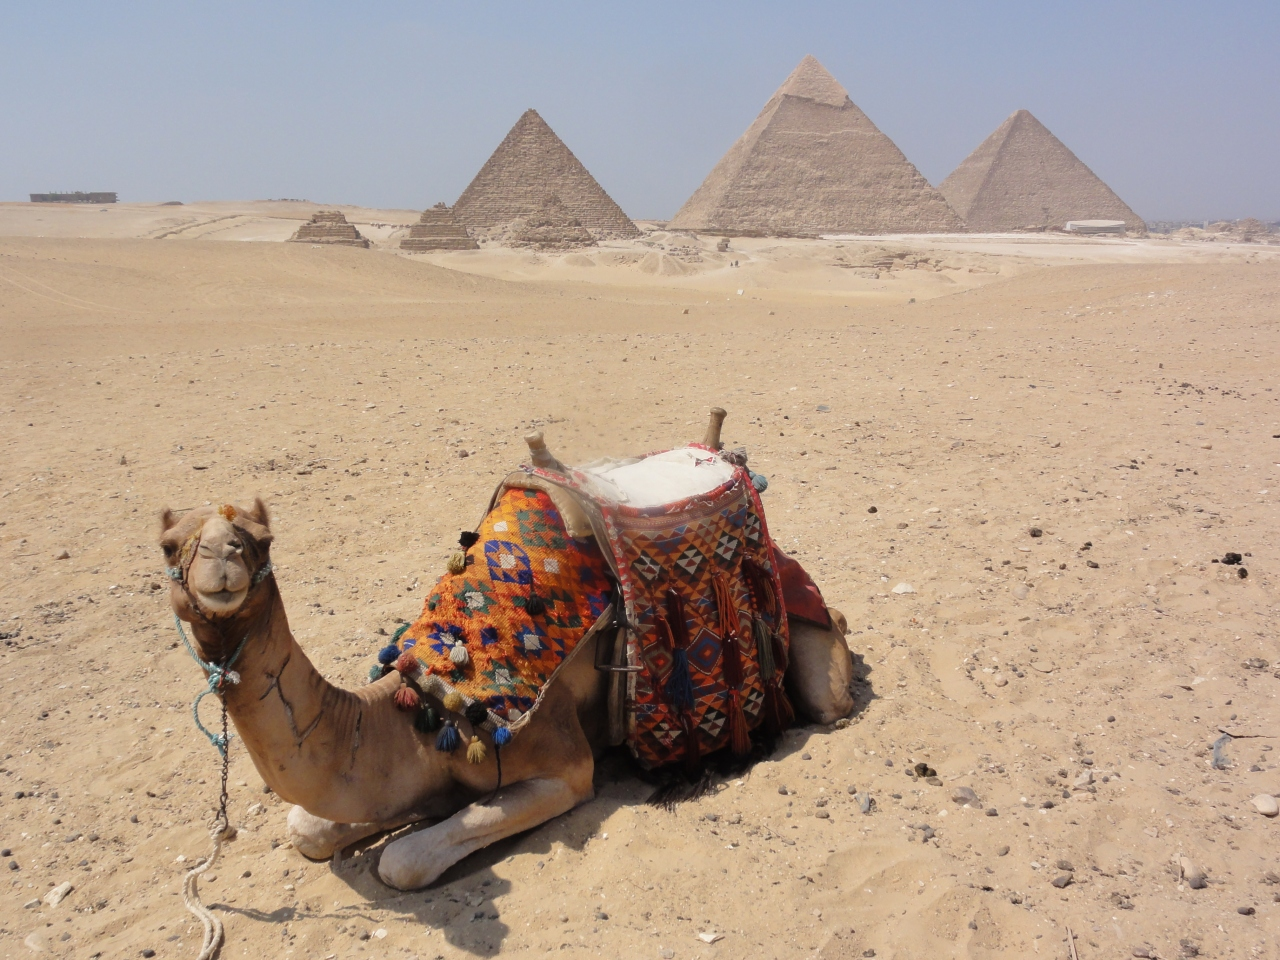 エジプト観光!おすすめ世界遺産・名所11選!現地のお土産も!